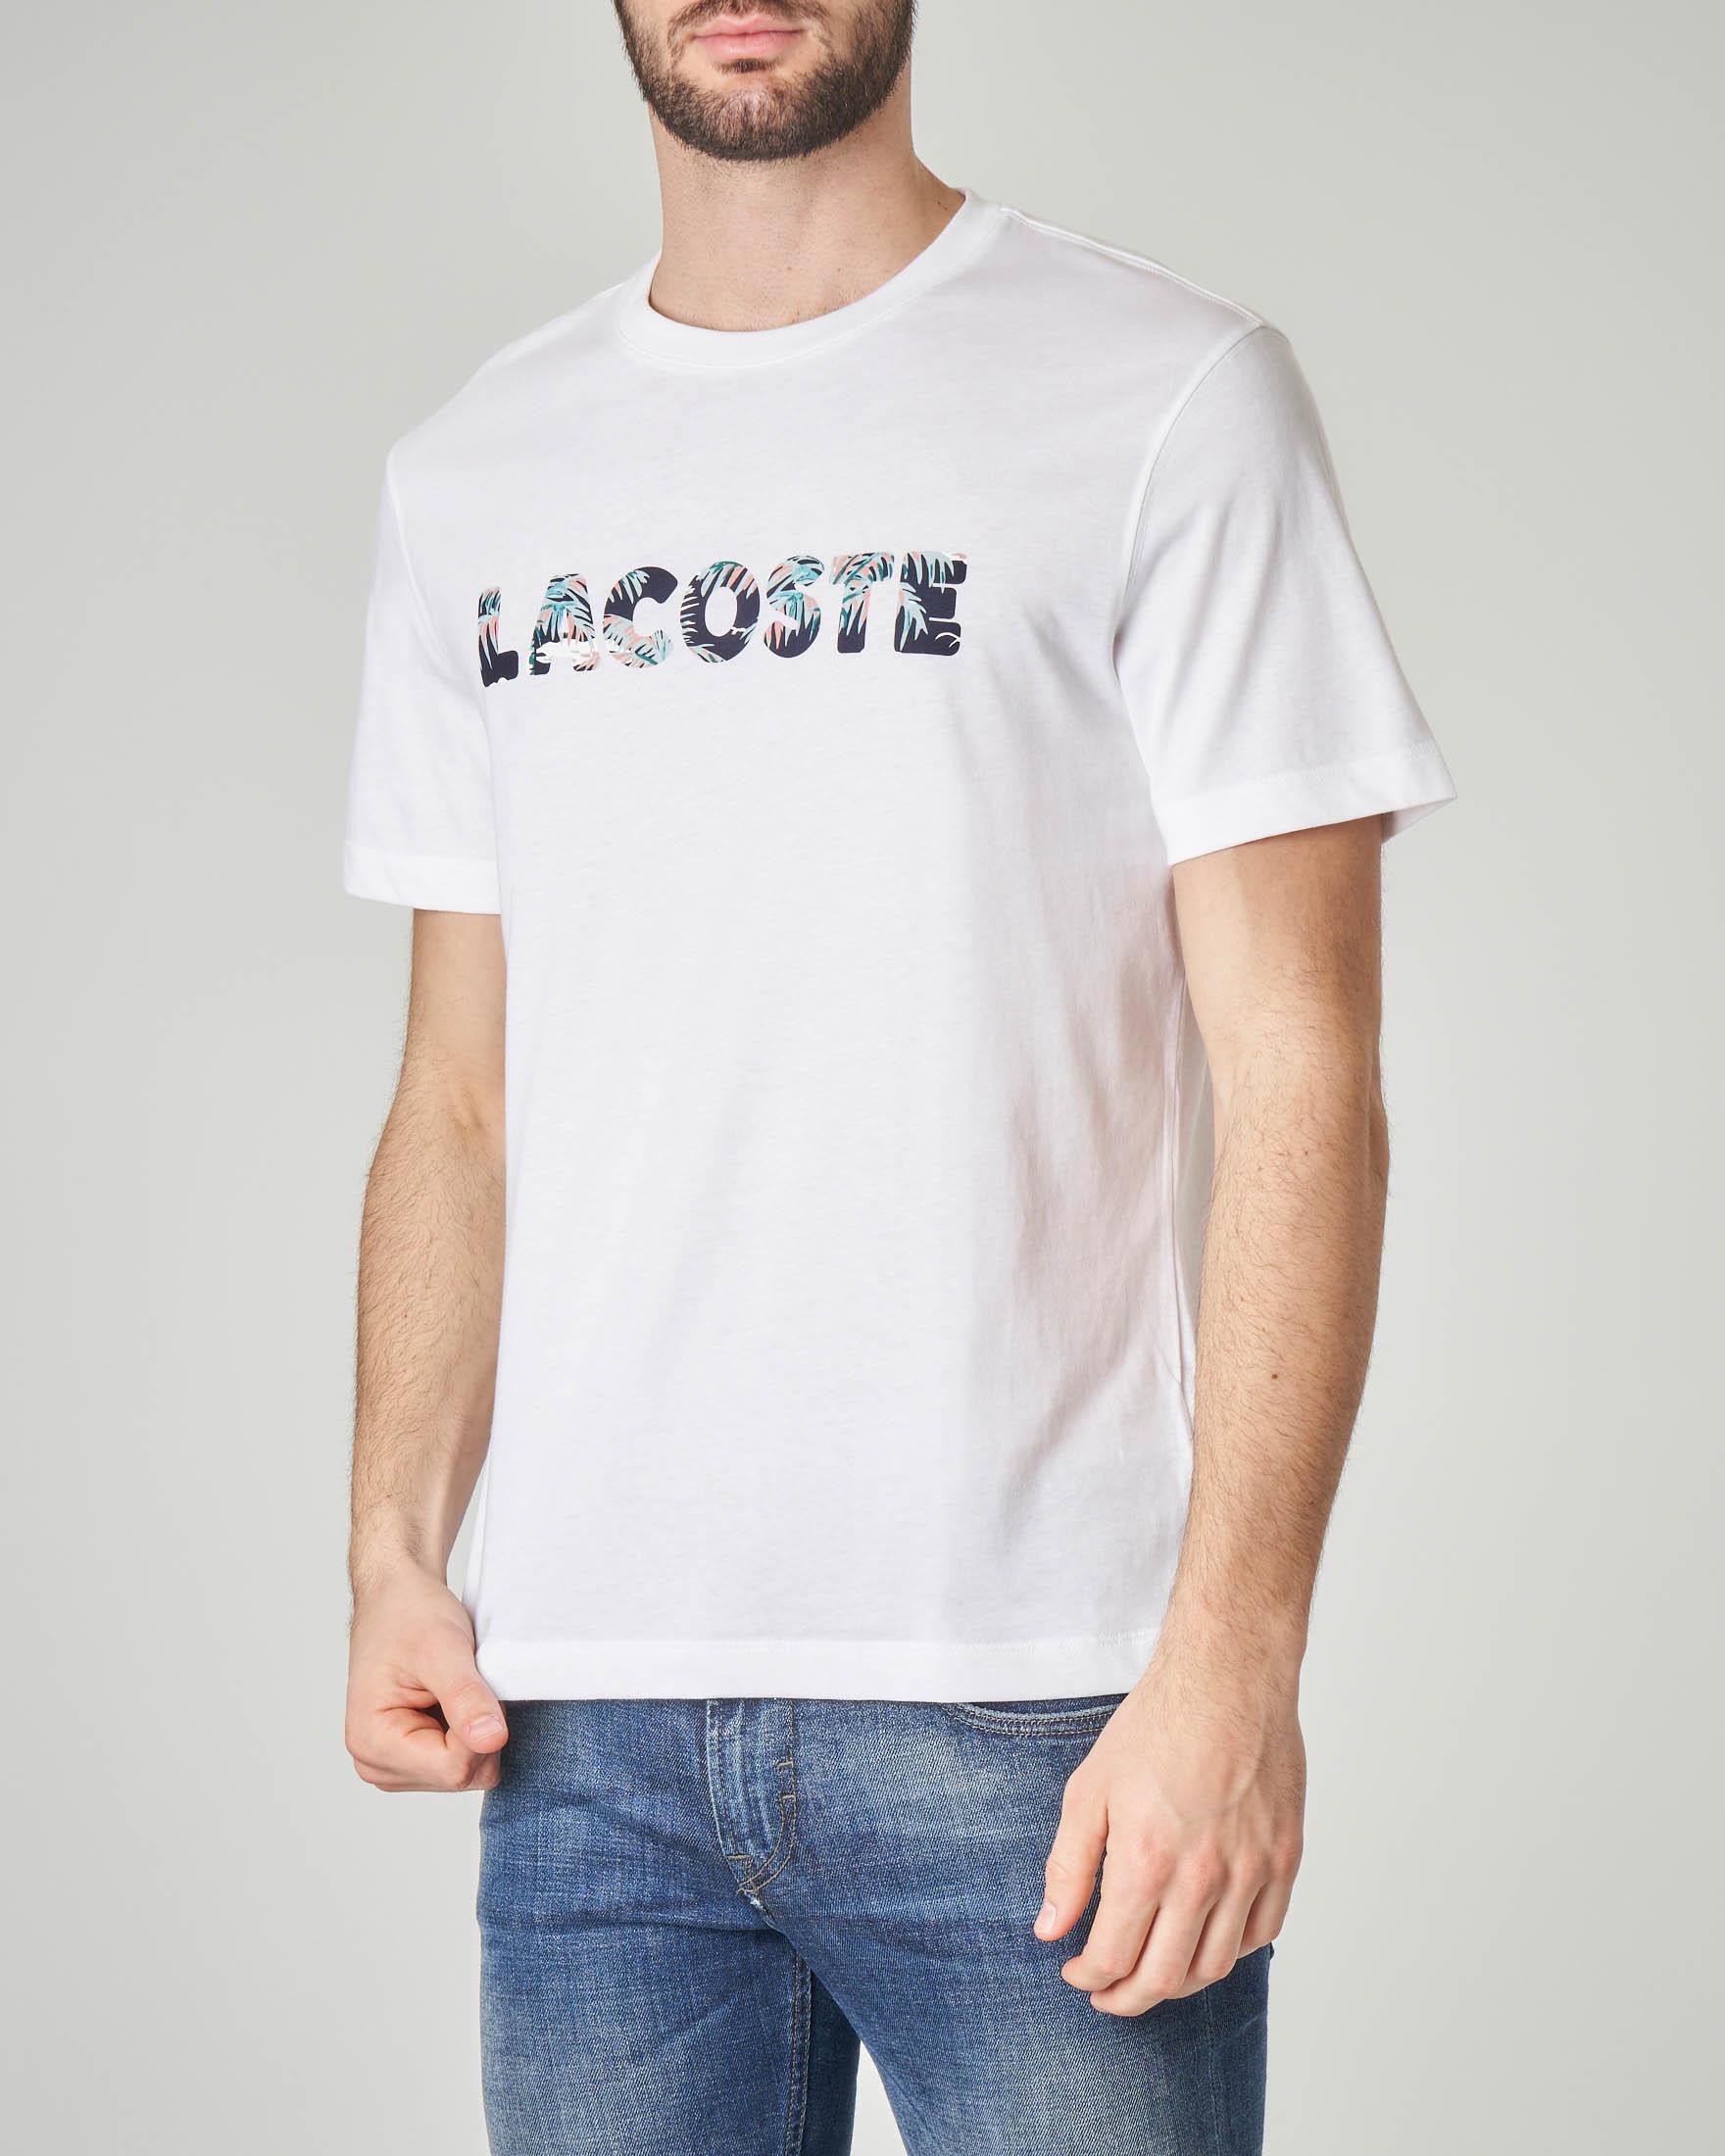 T-shirt bianca con logo hawaiano